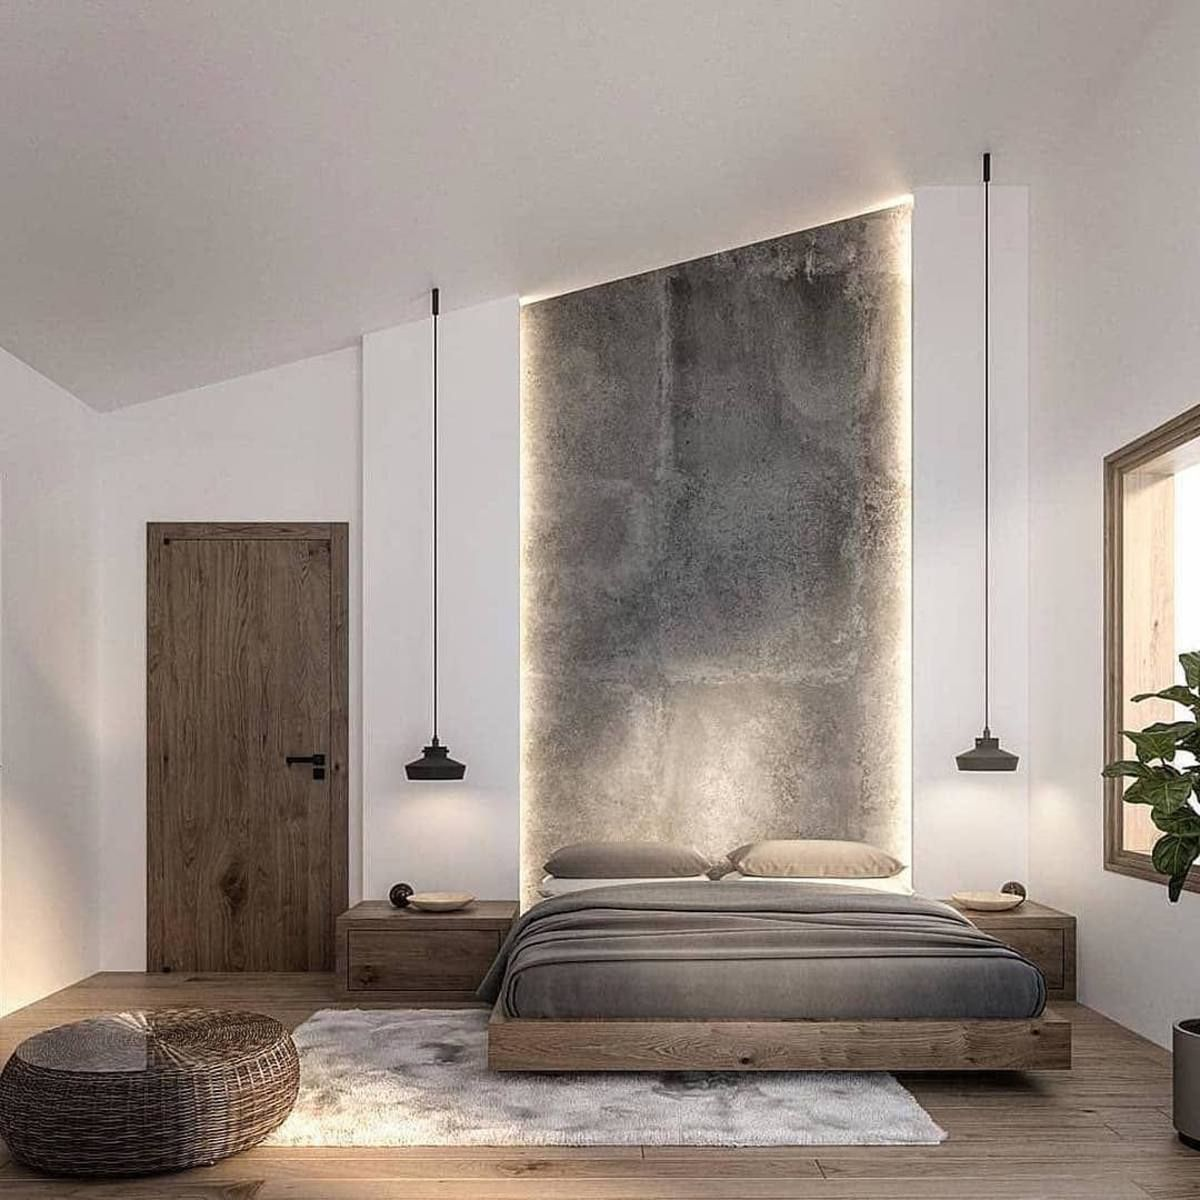 7 Bedroom Designs To Inspire Your Next Favorite Style Luxurious Bedrooms Bedroom Bed Design Bedroom Lighting Design